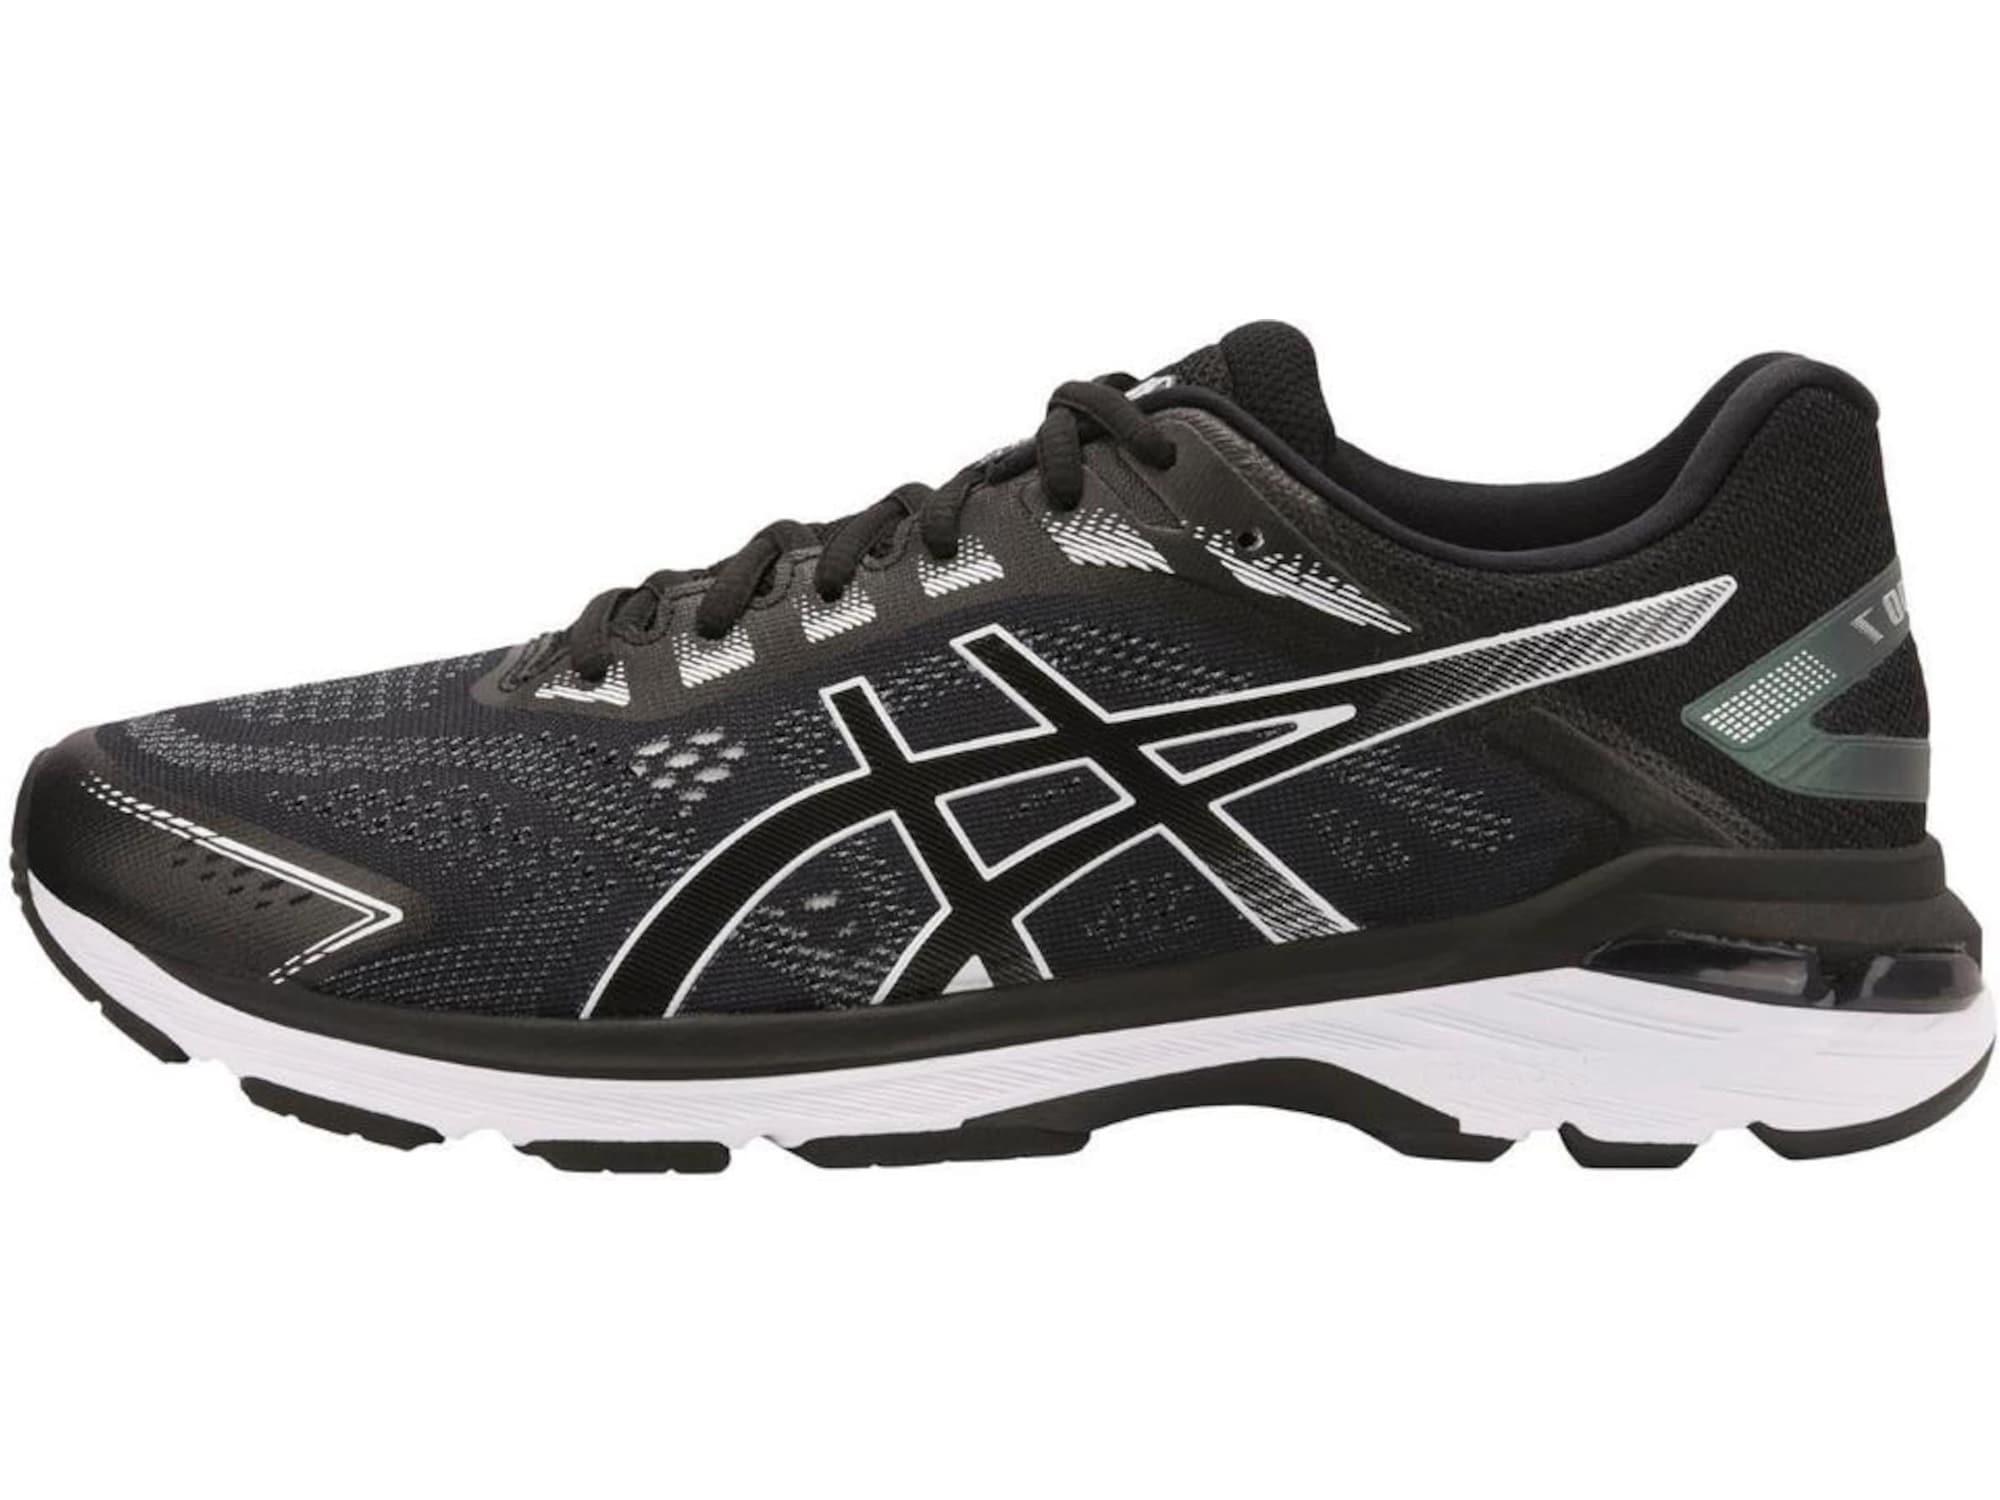 Běžecká obuv Gt-2000 7 černá bílá ASICS